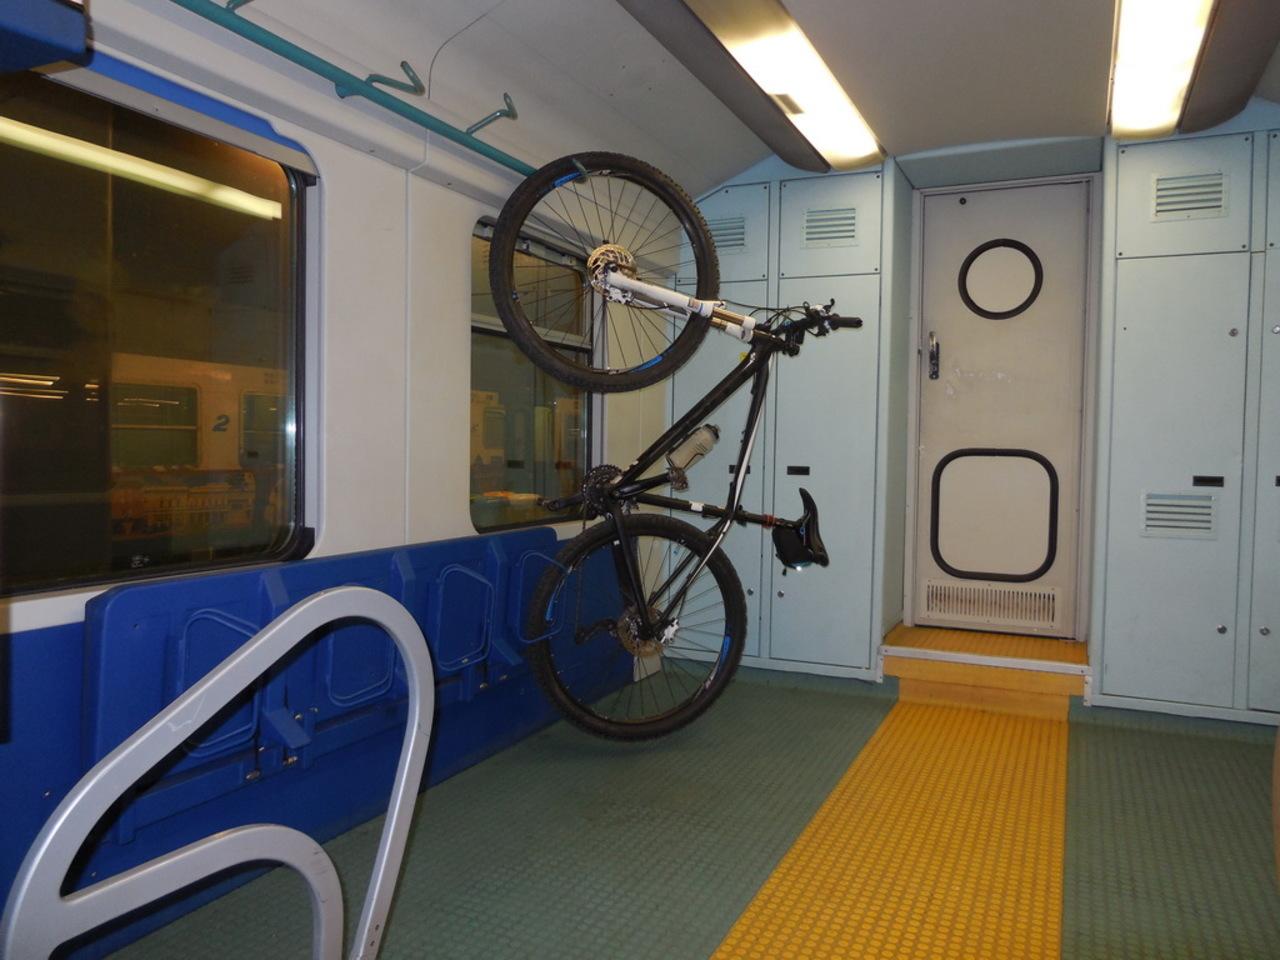 Trasporto Abruzzo: bici gratis sui treni, perché no?